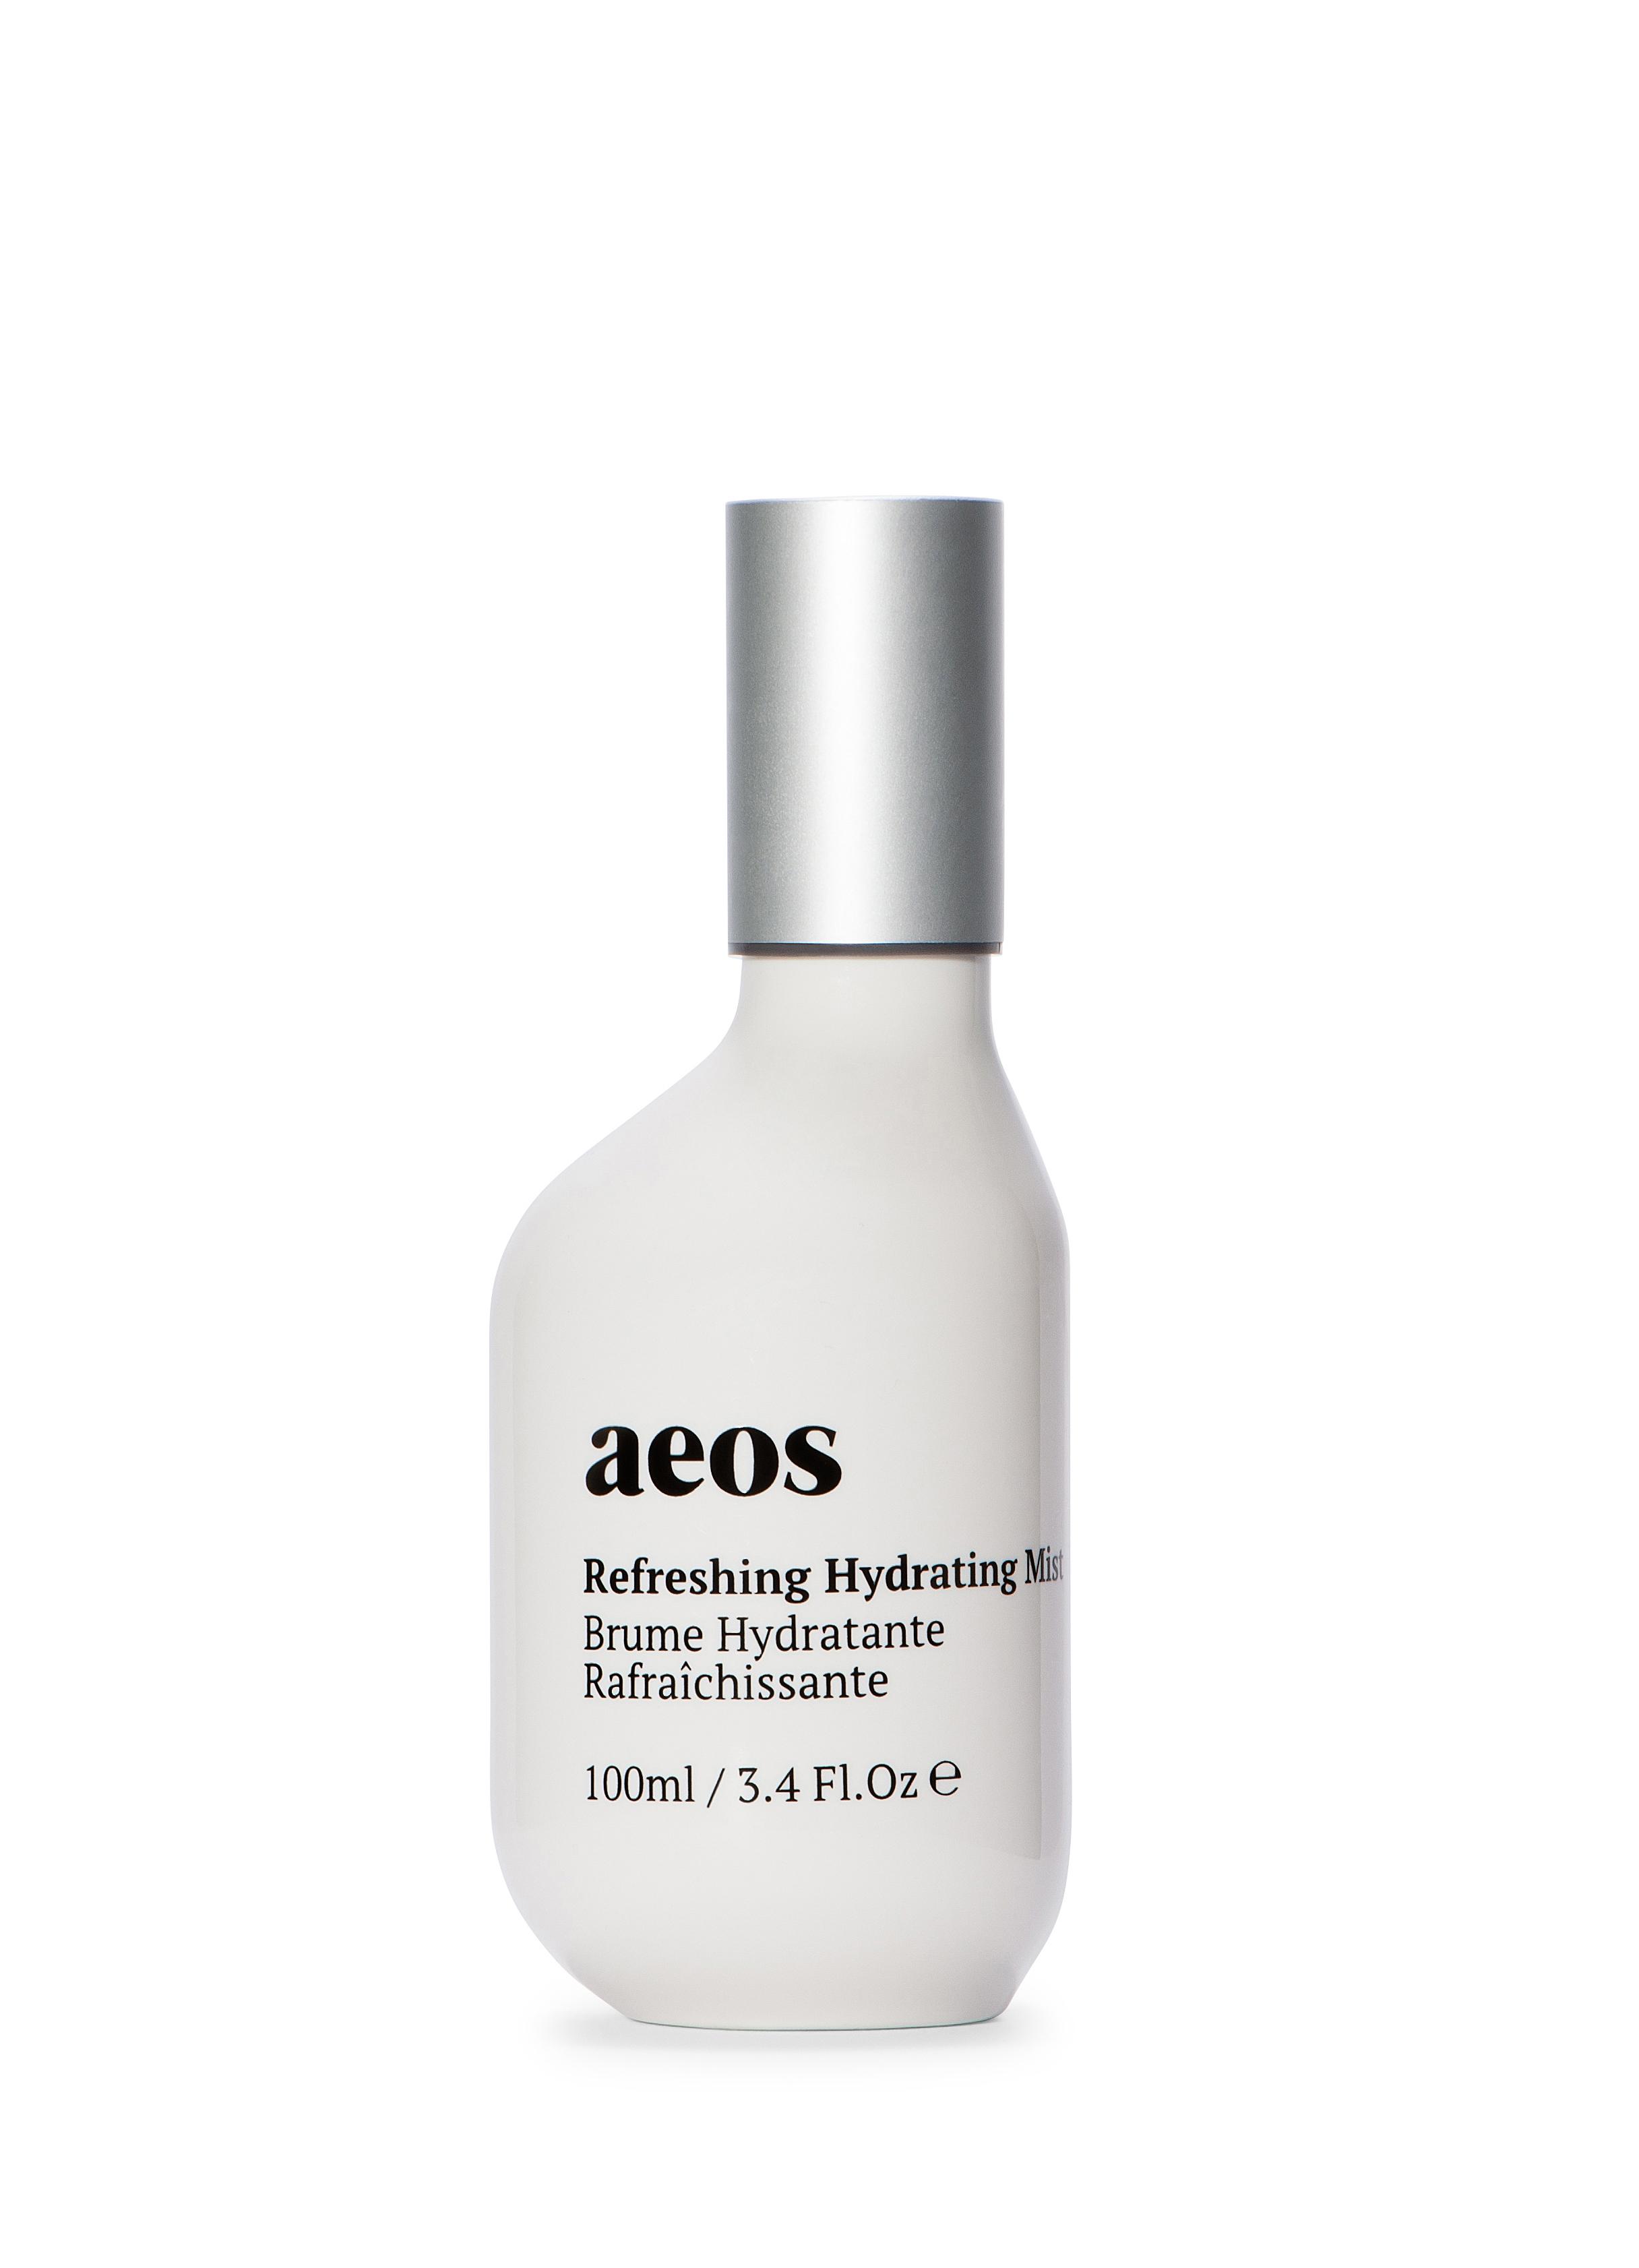 AEOS MIST | £45.83